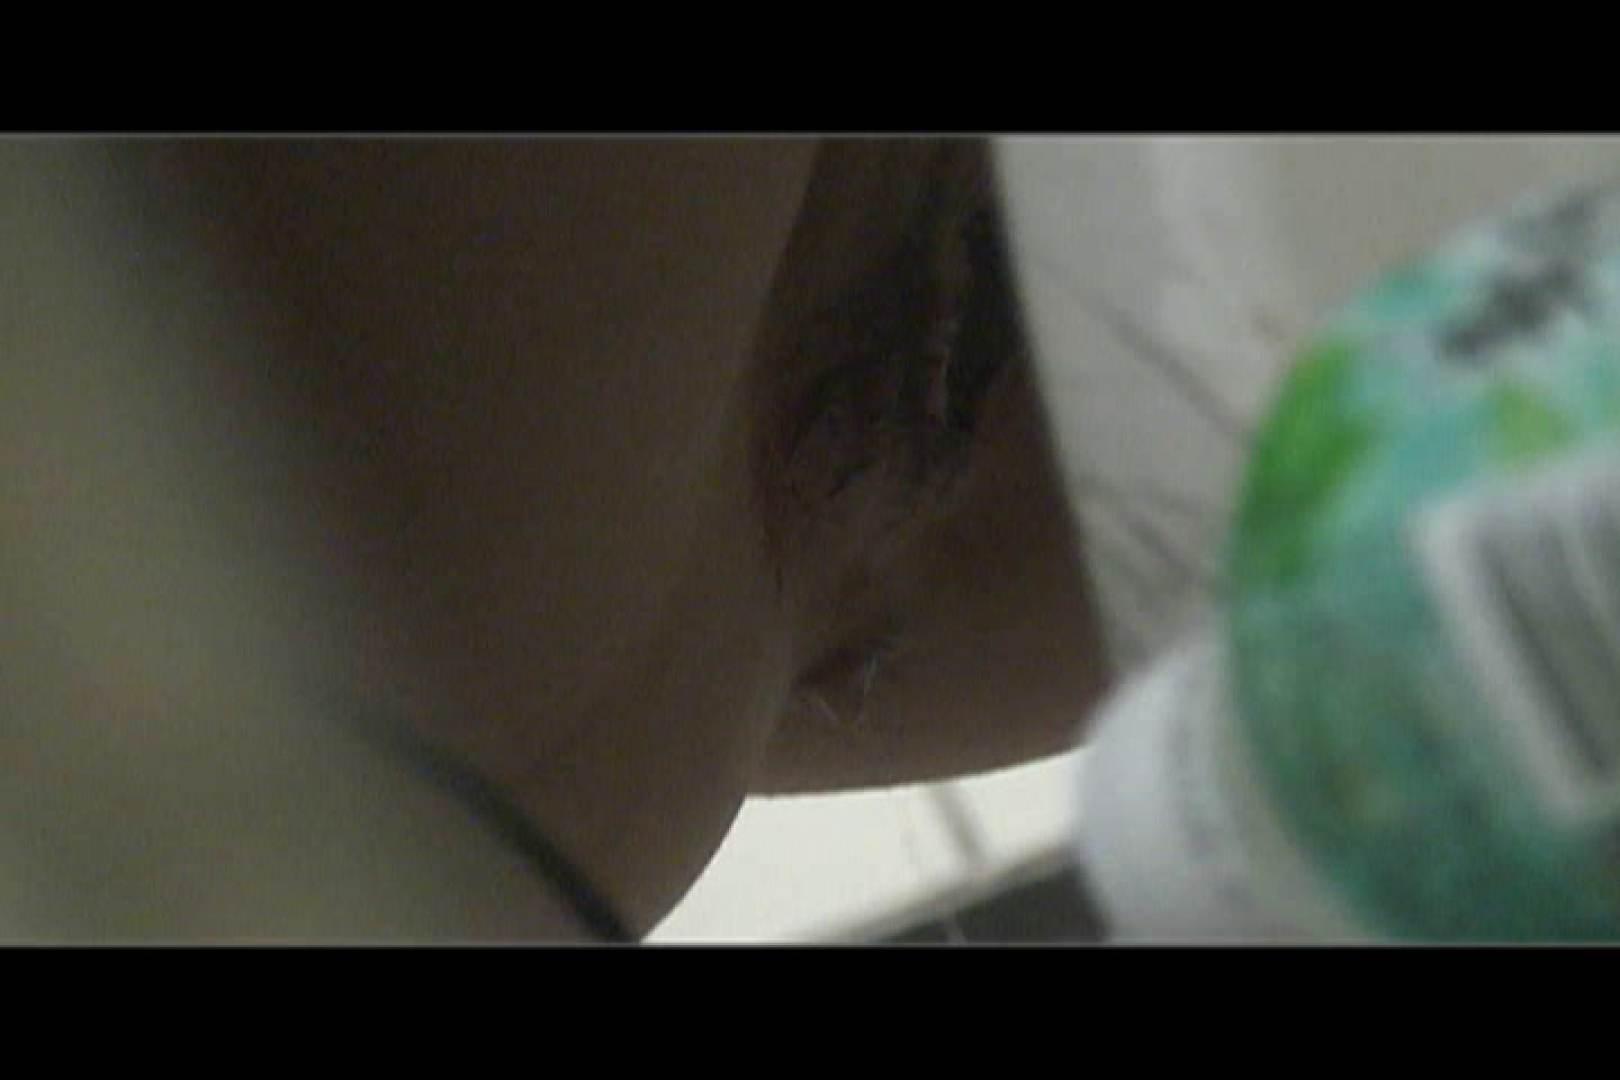 マンコ丸見え女子洗面所Vol.8 マンコ・ムレムレ エロ画像 98pic 86